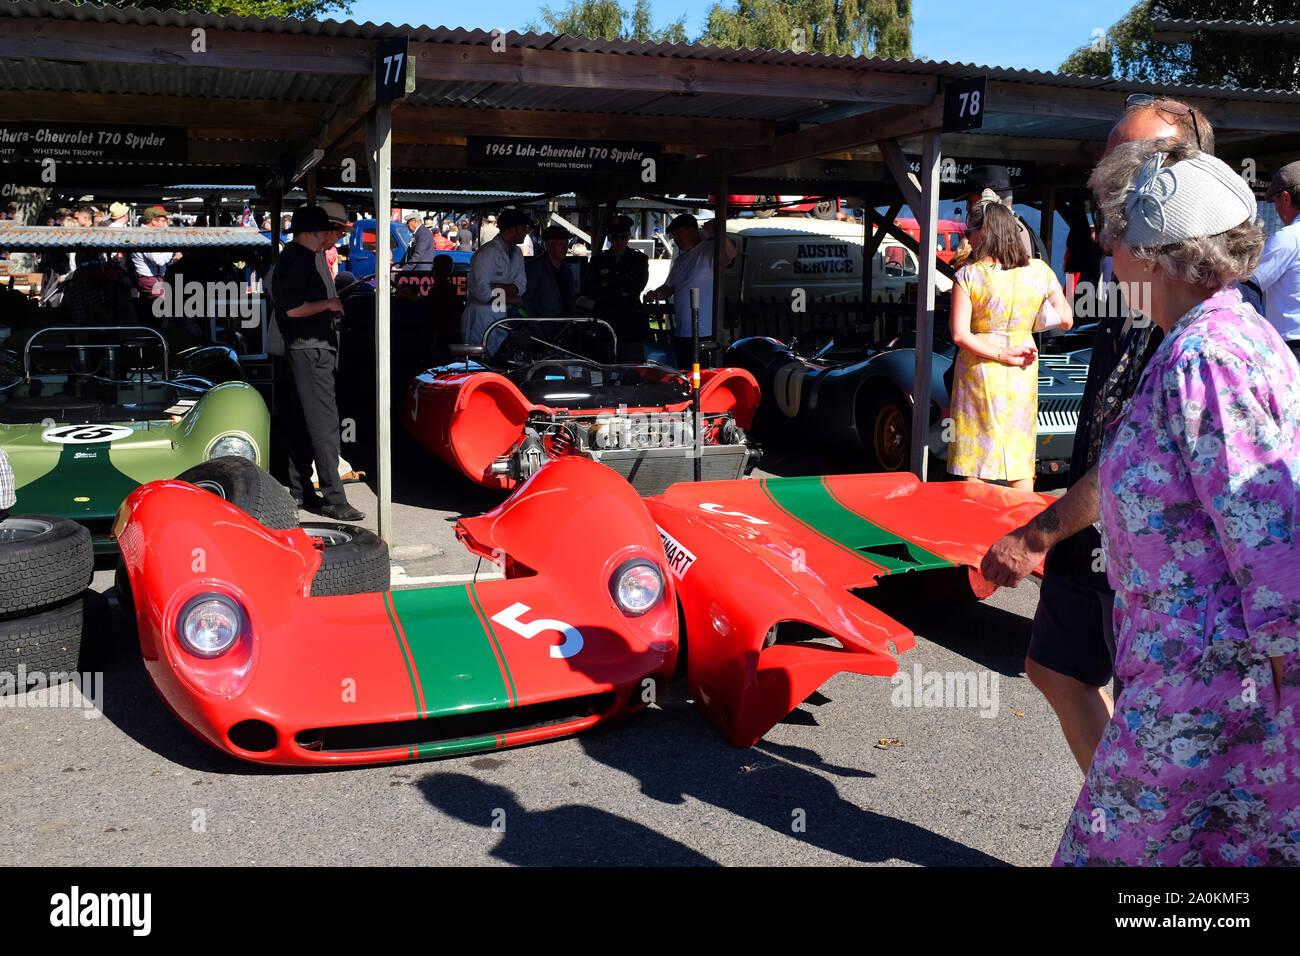 September 2019 - Klassische Lola Chevrolet Rennwagen im Fahrerlager am Goodwood Revival Meeting Stockfoto